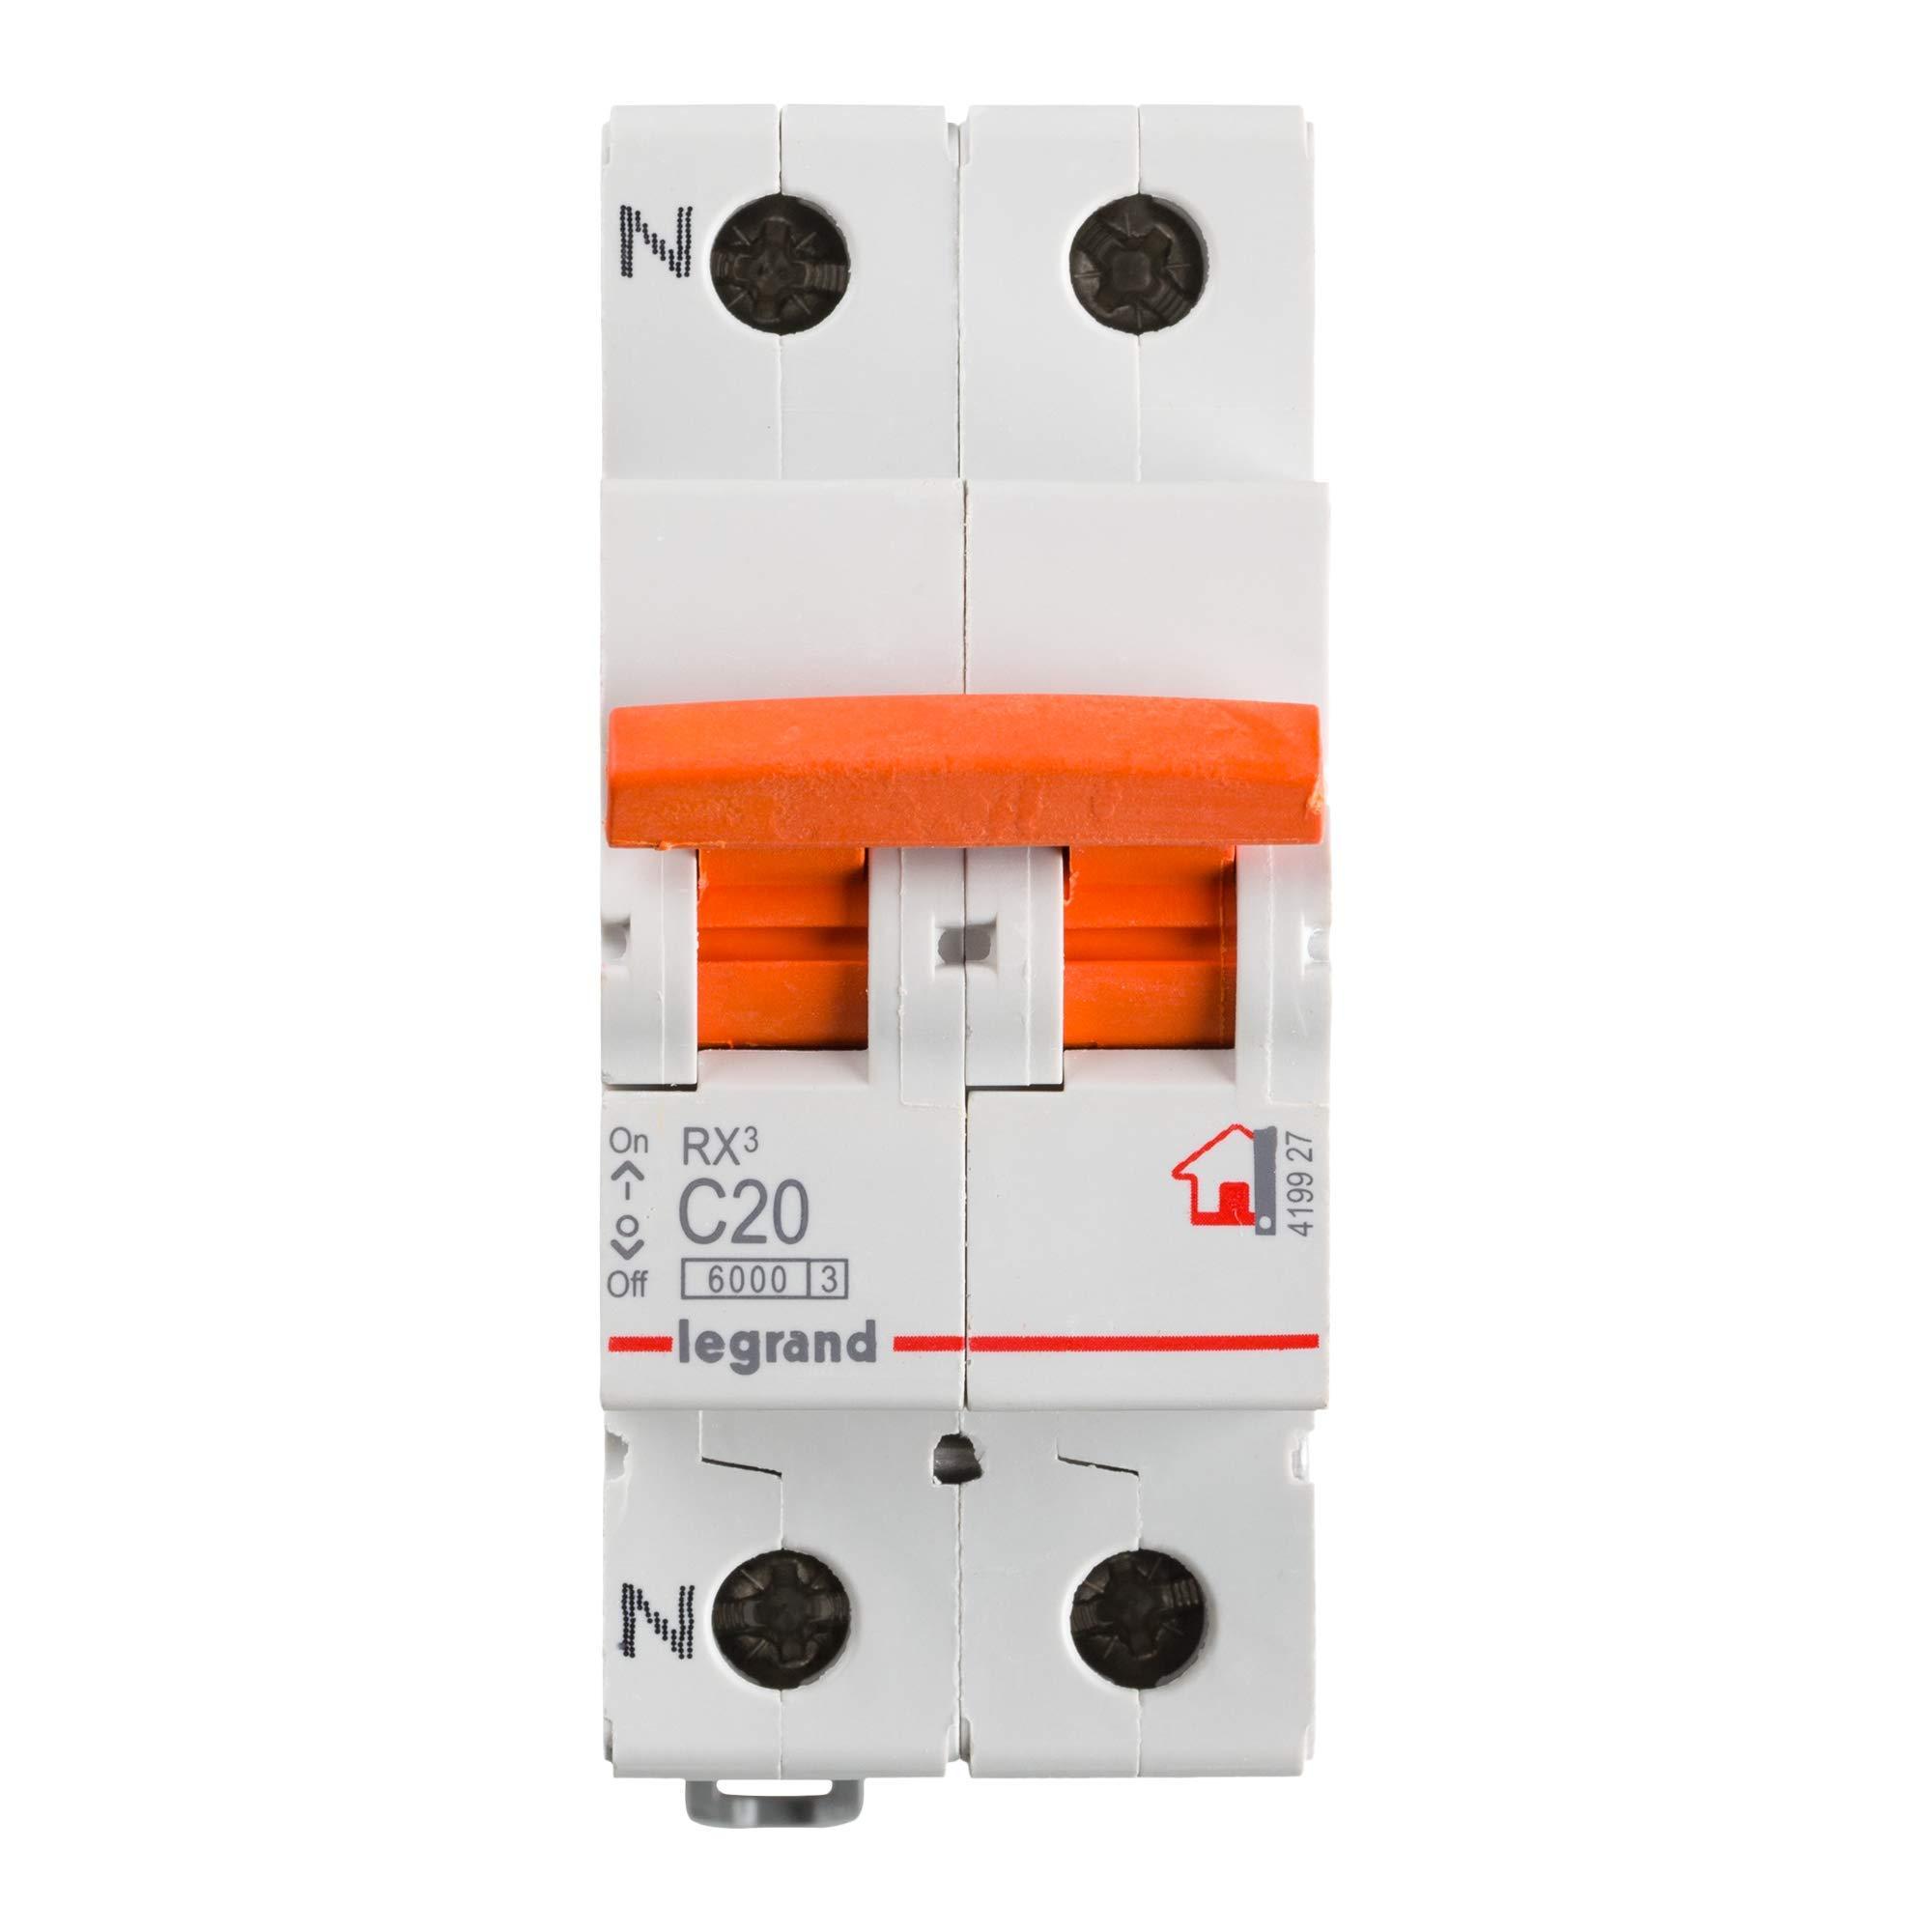 Legrand, Interruptor Diferencial, Protector de sobrecargas, 20A: Amazon.es: Bricolaje y herramientas